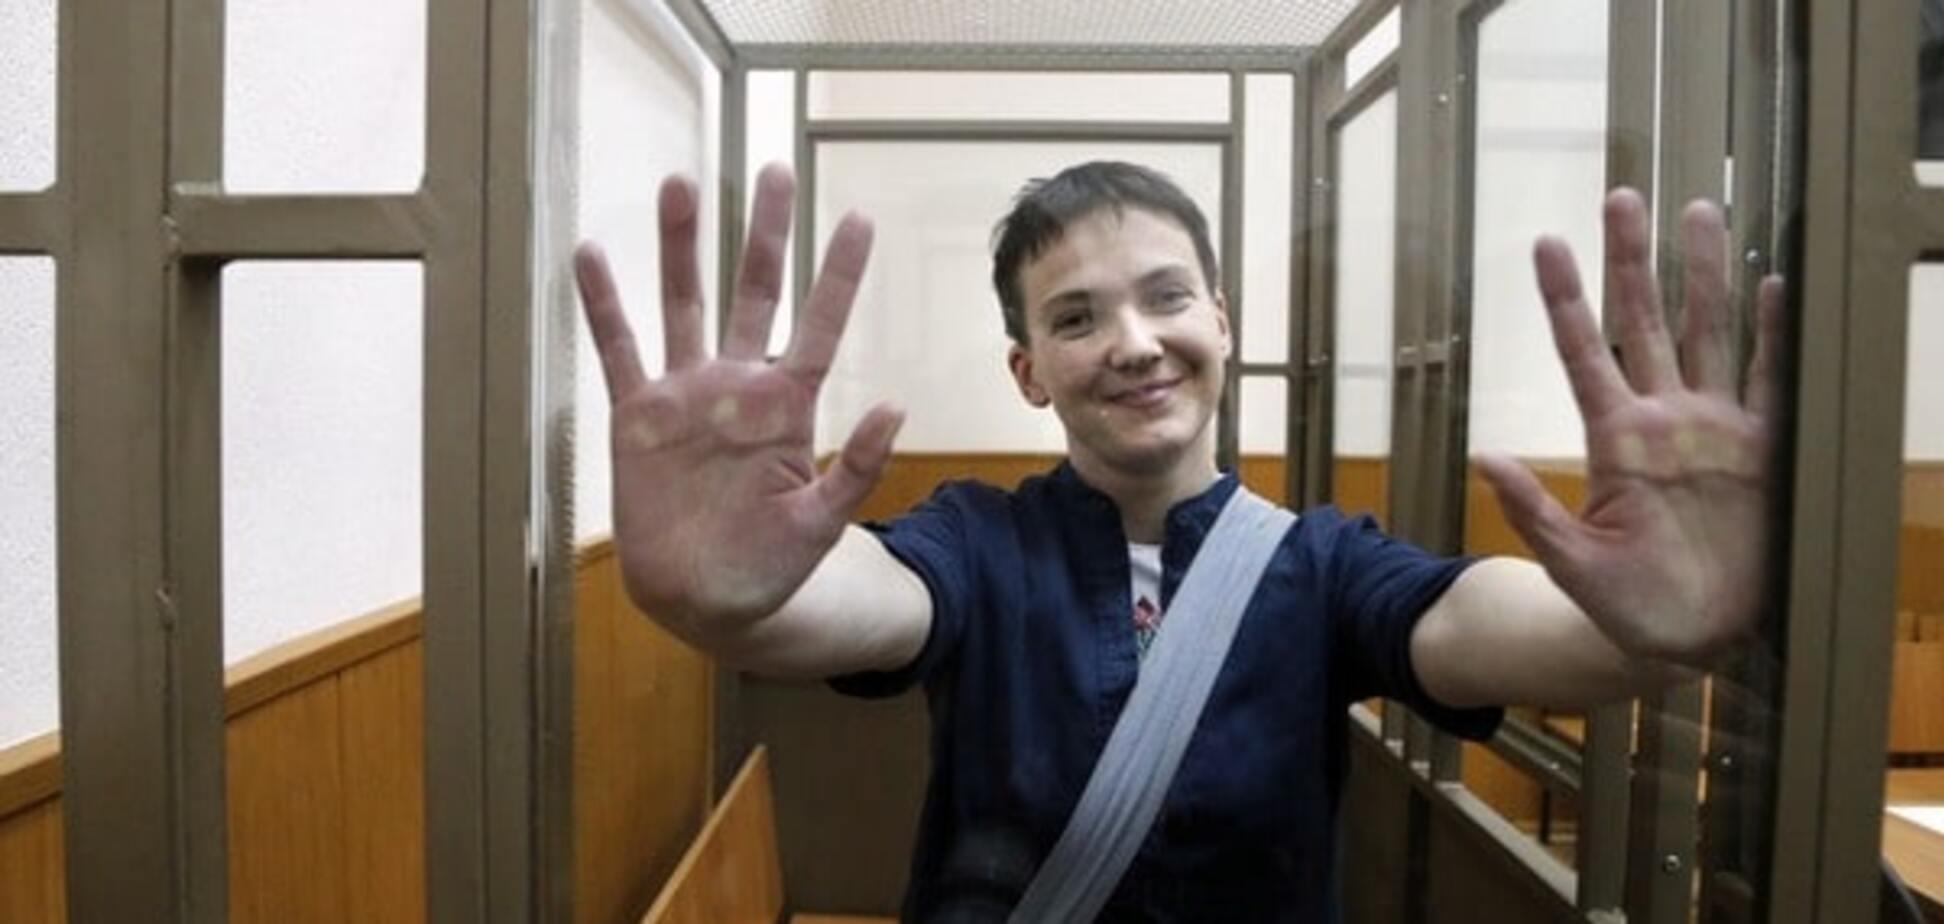 Екстрадиція Савченко може затягнутися до осені - Полозов